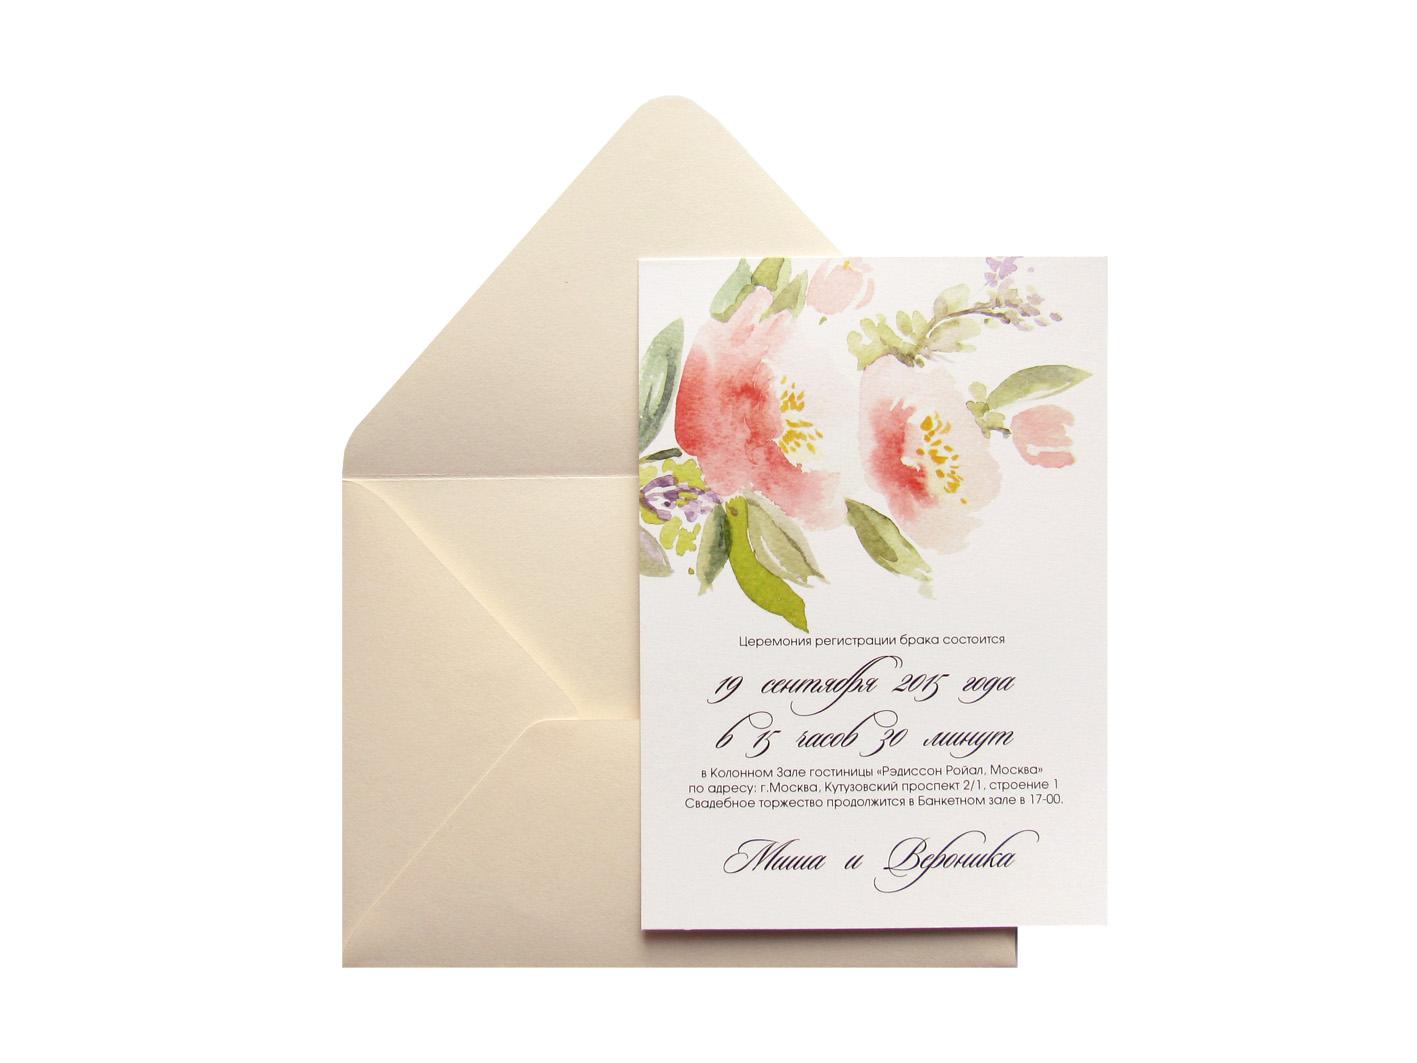 Печать приглашений открыток, игры картинках для